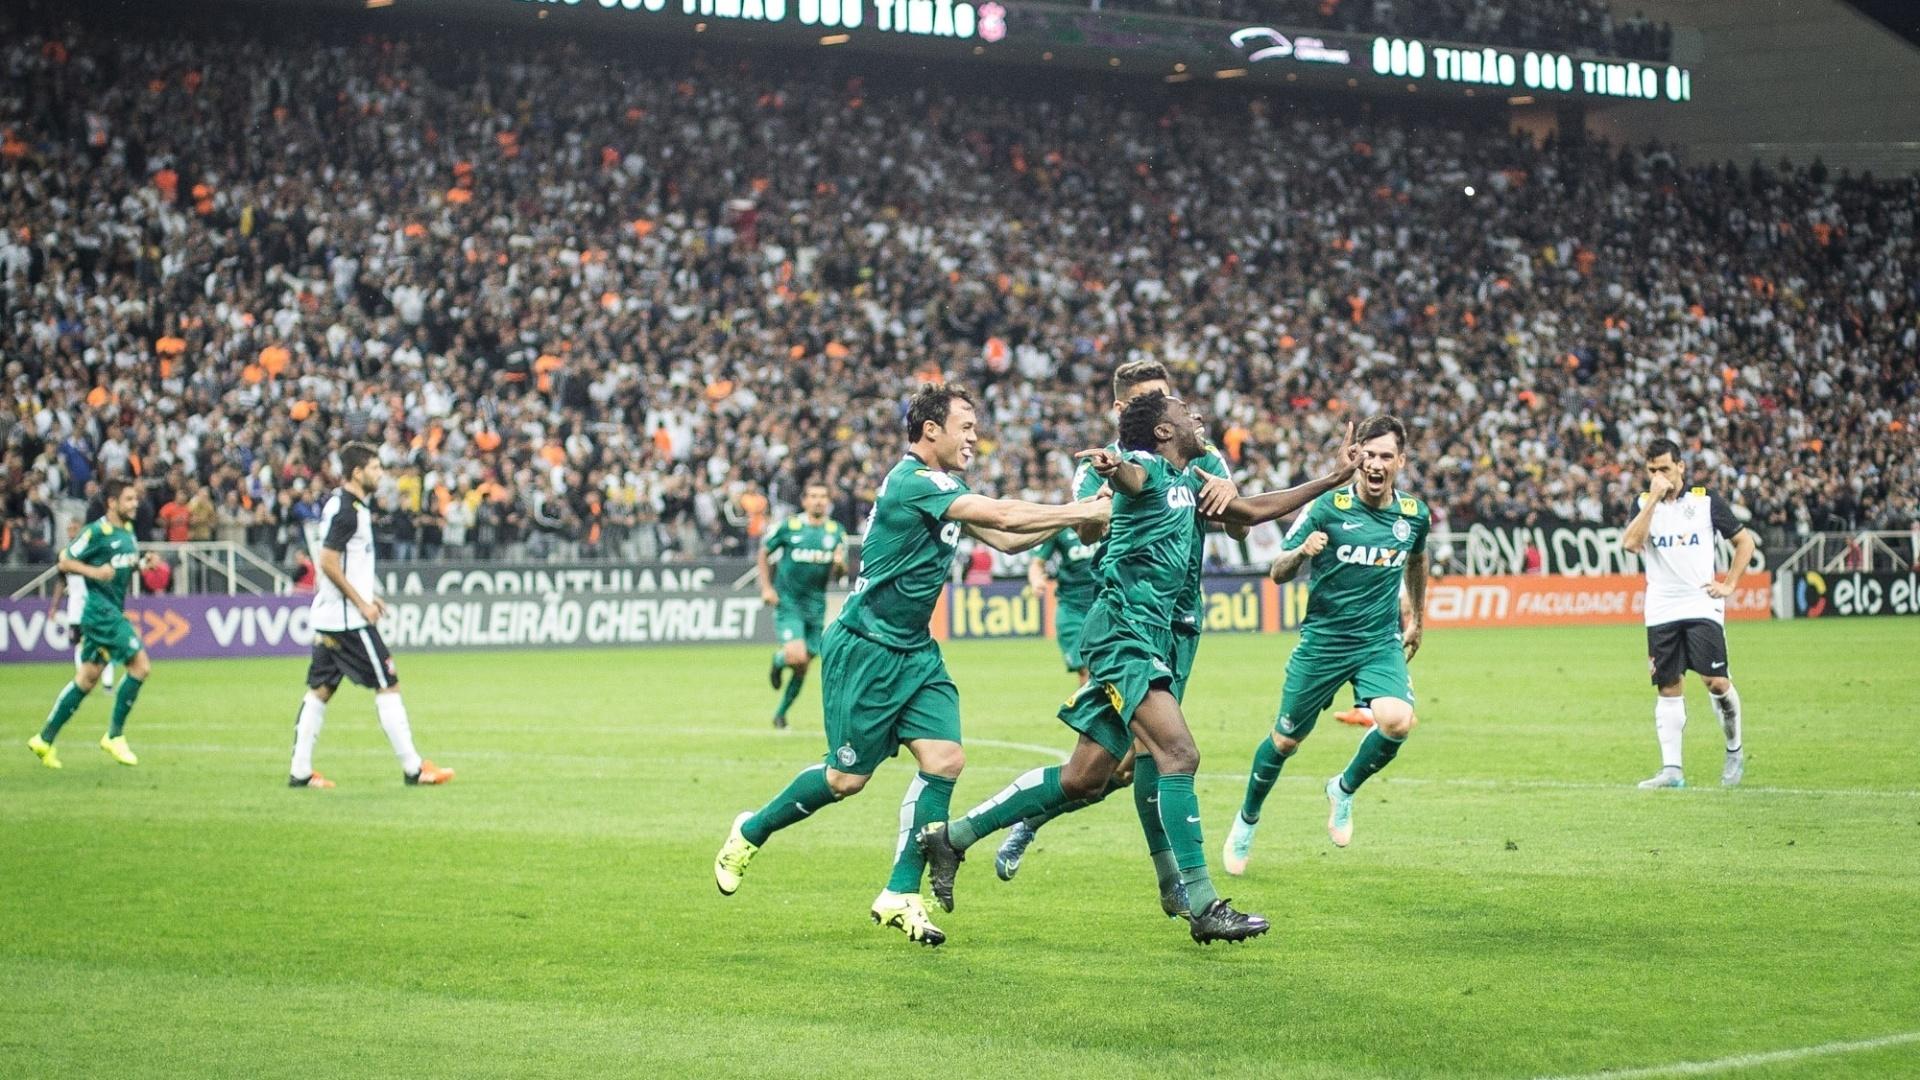 Negueba silencia a Arena e comemora gol de empate do Coritiba